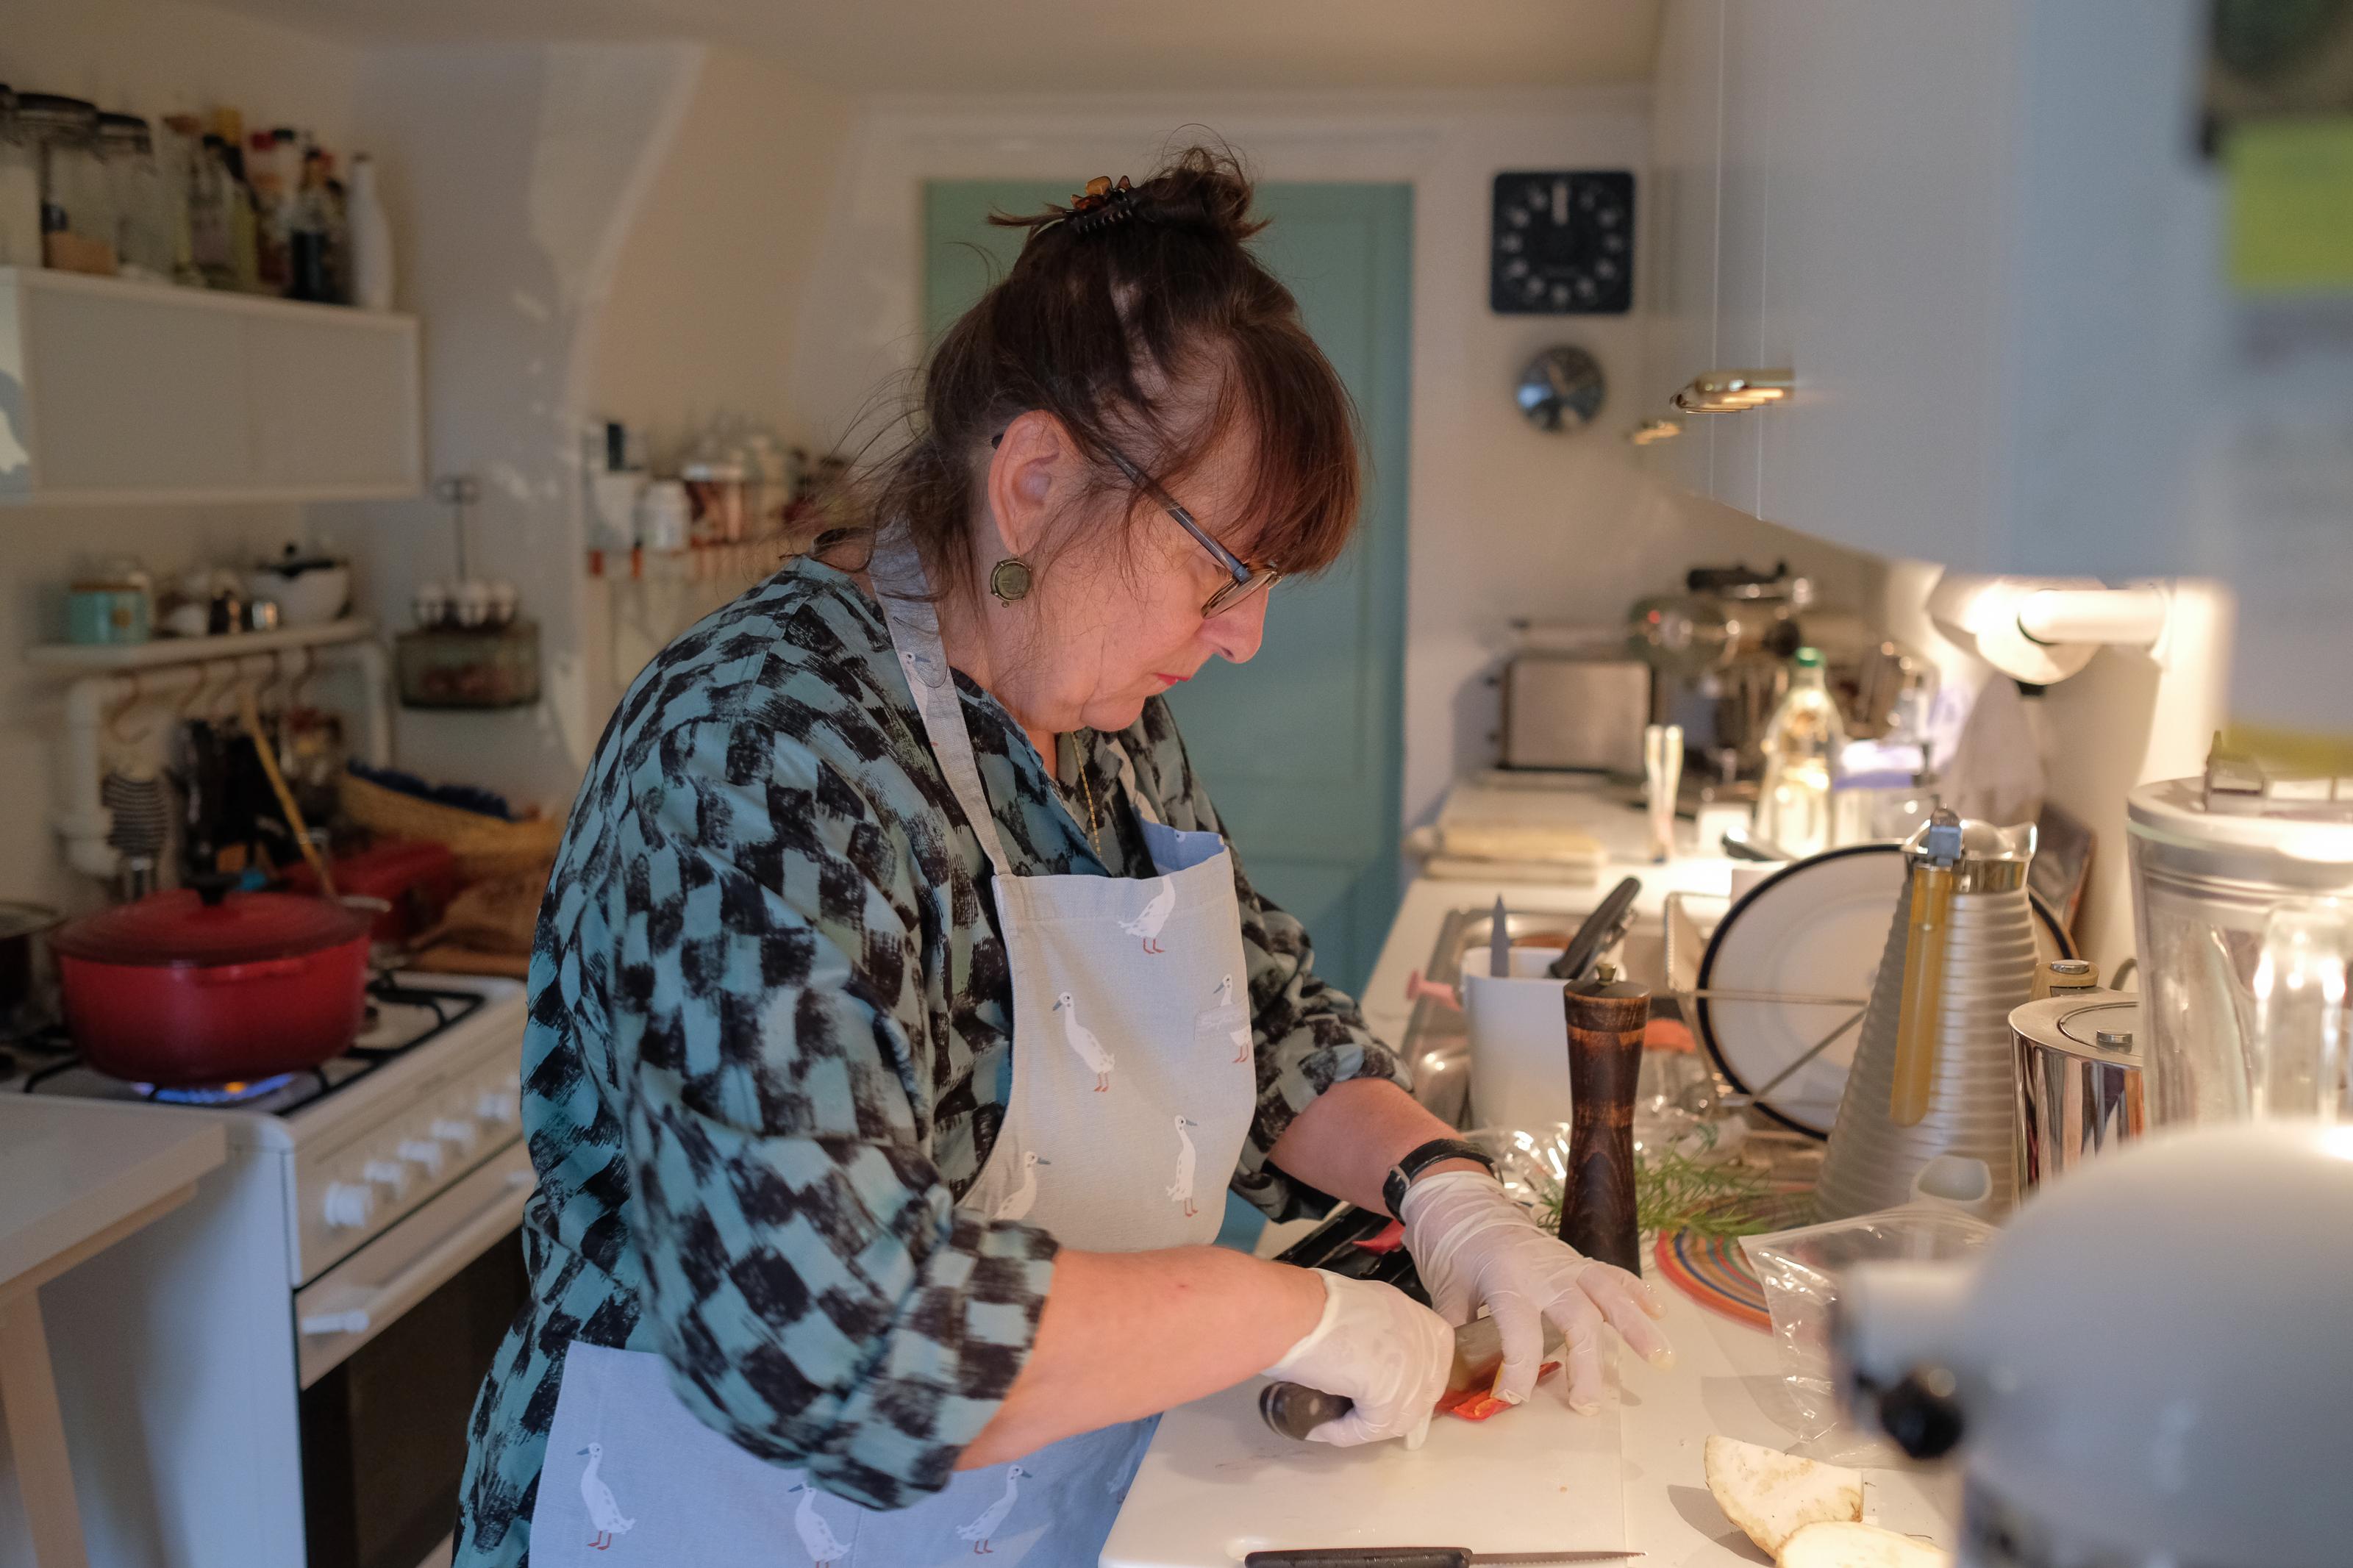 Begnadete Köchin: Christine Domkowski in ihrer kleinen Küche. Foto: Jan Graber, 2018.